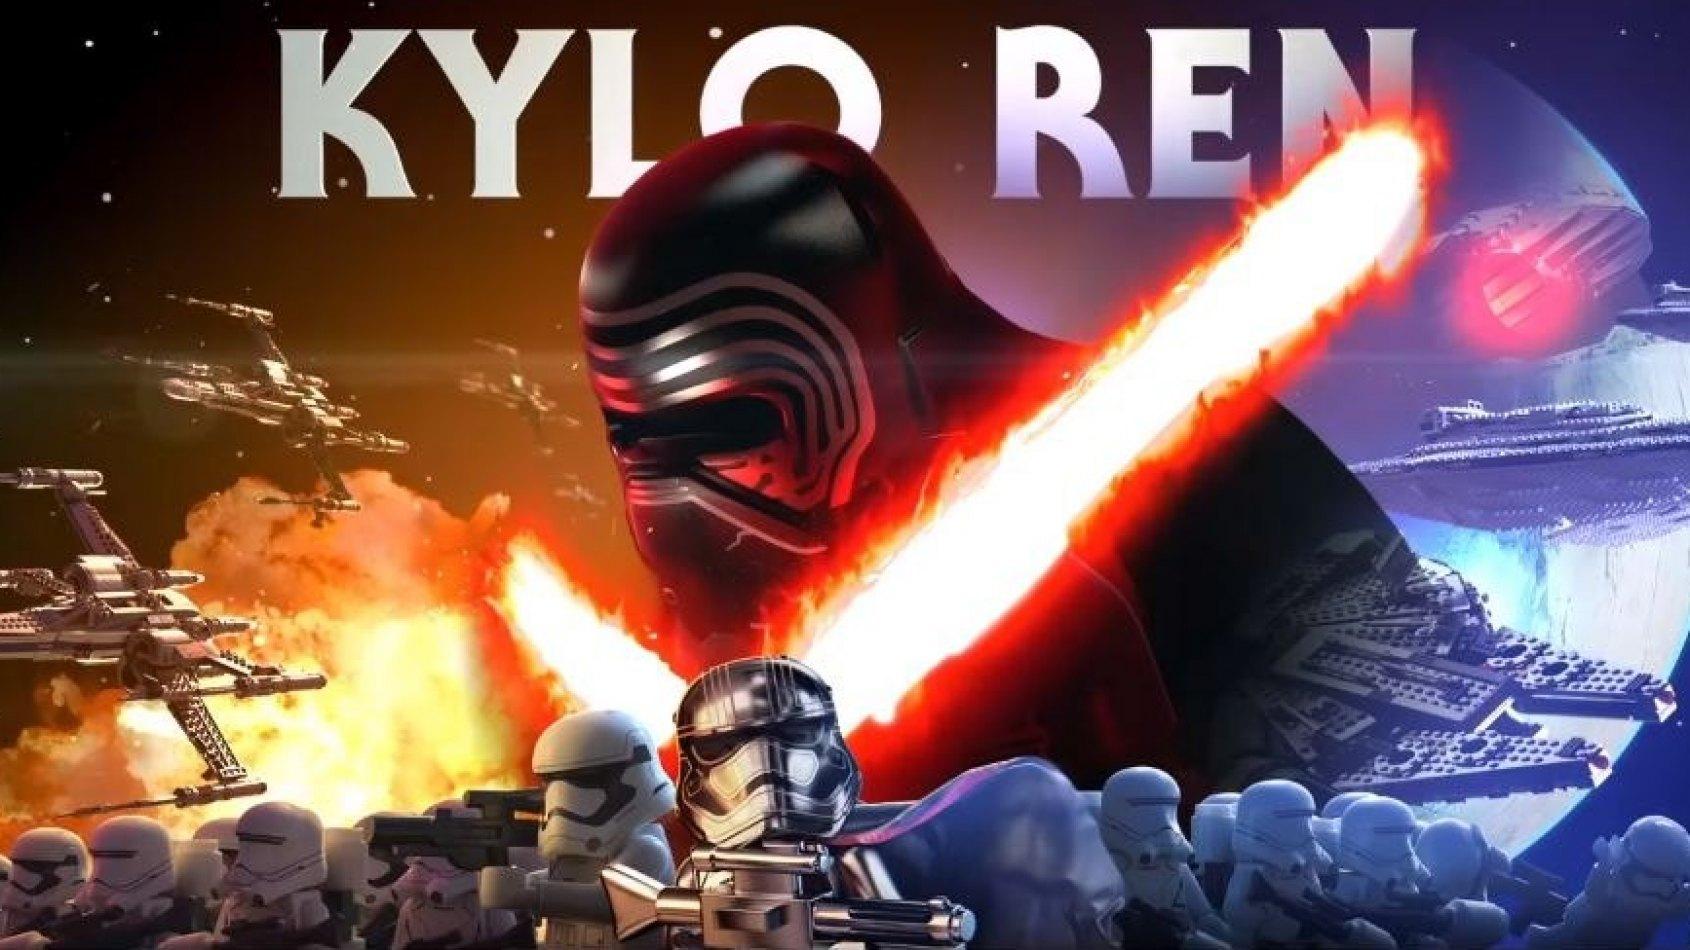 LEGO Star Wars : au tour de Kylo Ren d'�tre sous les projecteurs !